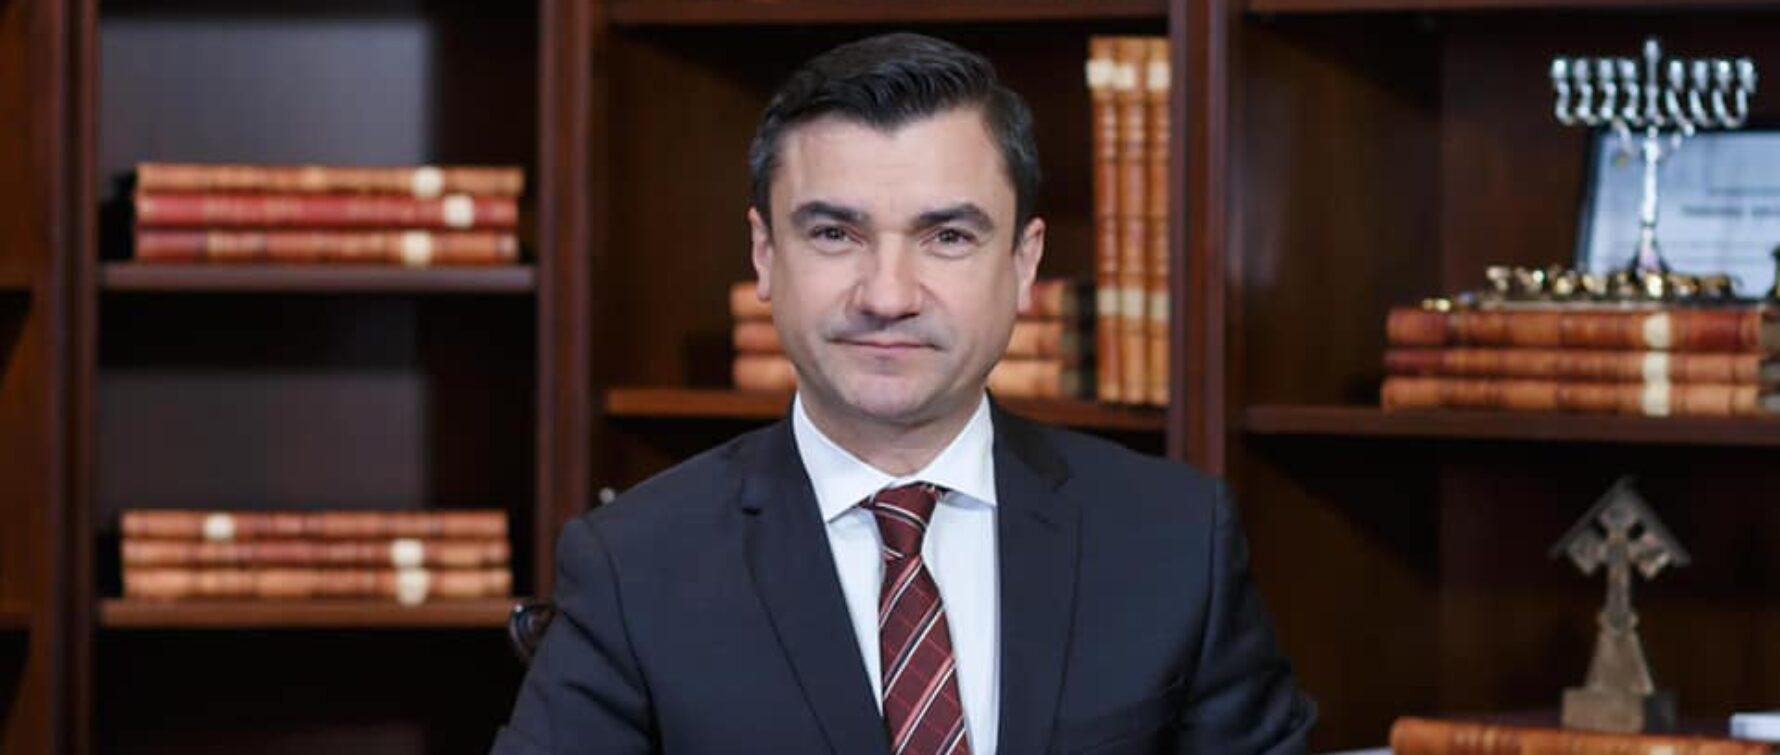 Primarul Mihai Chirica: Magazinele care nu respectă regulile se închid pentru 30 de zile